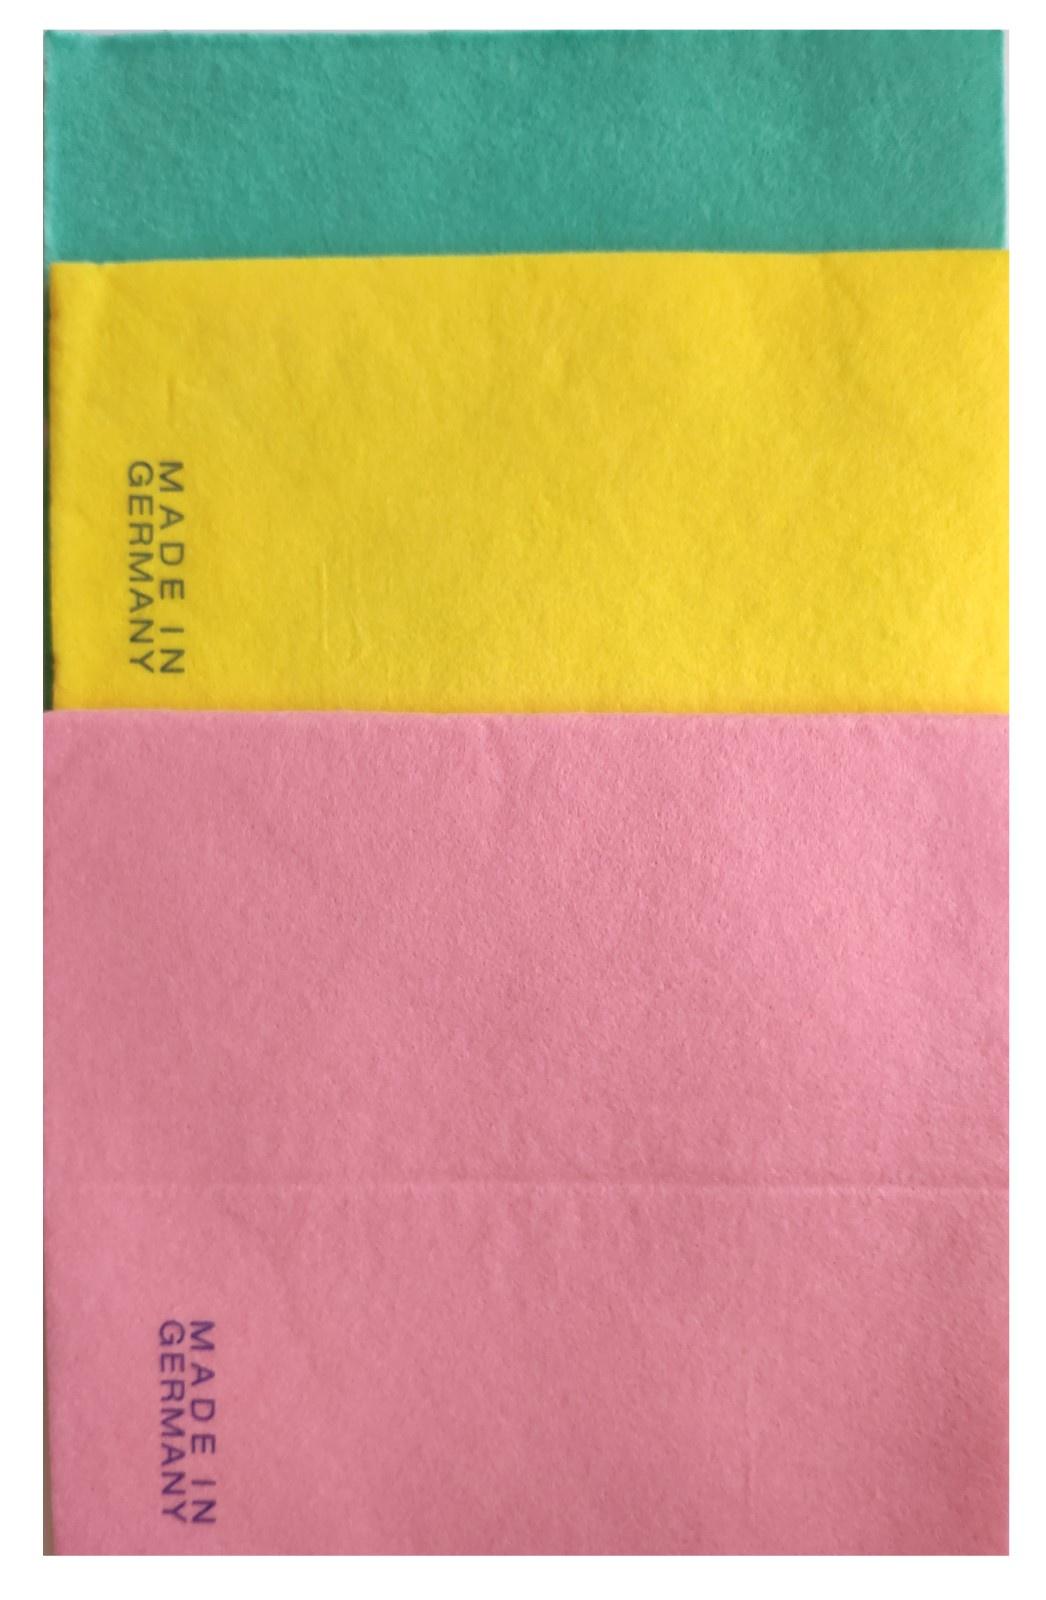 Салфетка Clean Cloth Уборки кухни, пыли, посуды, желтый, зеленый, розовый салфетка clean cloth уборки кухни пыли посуды желтый зеленый розовый